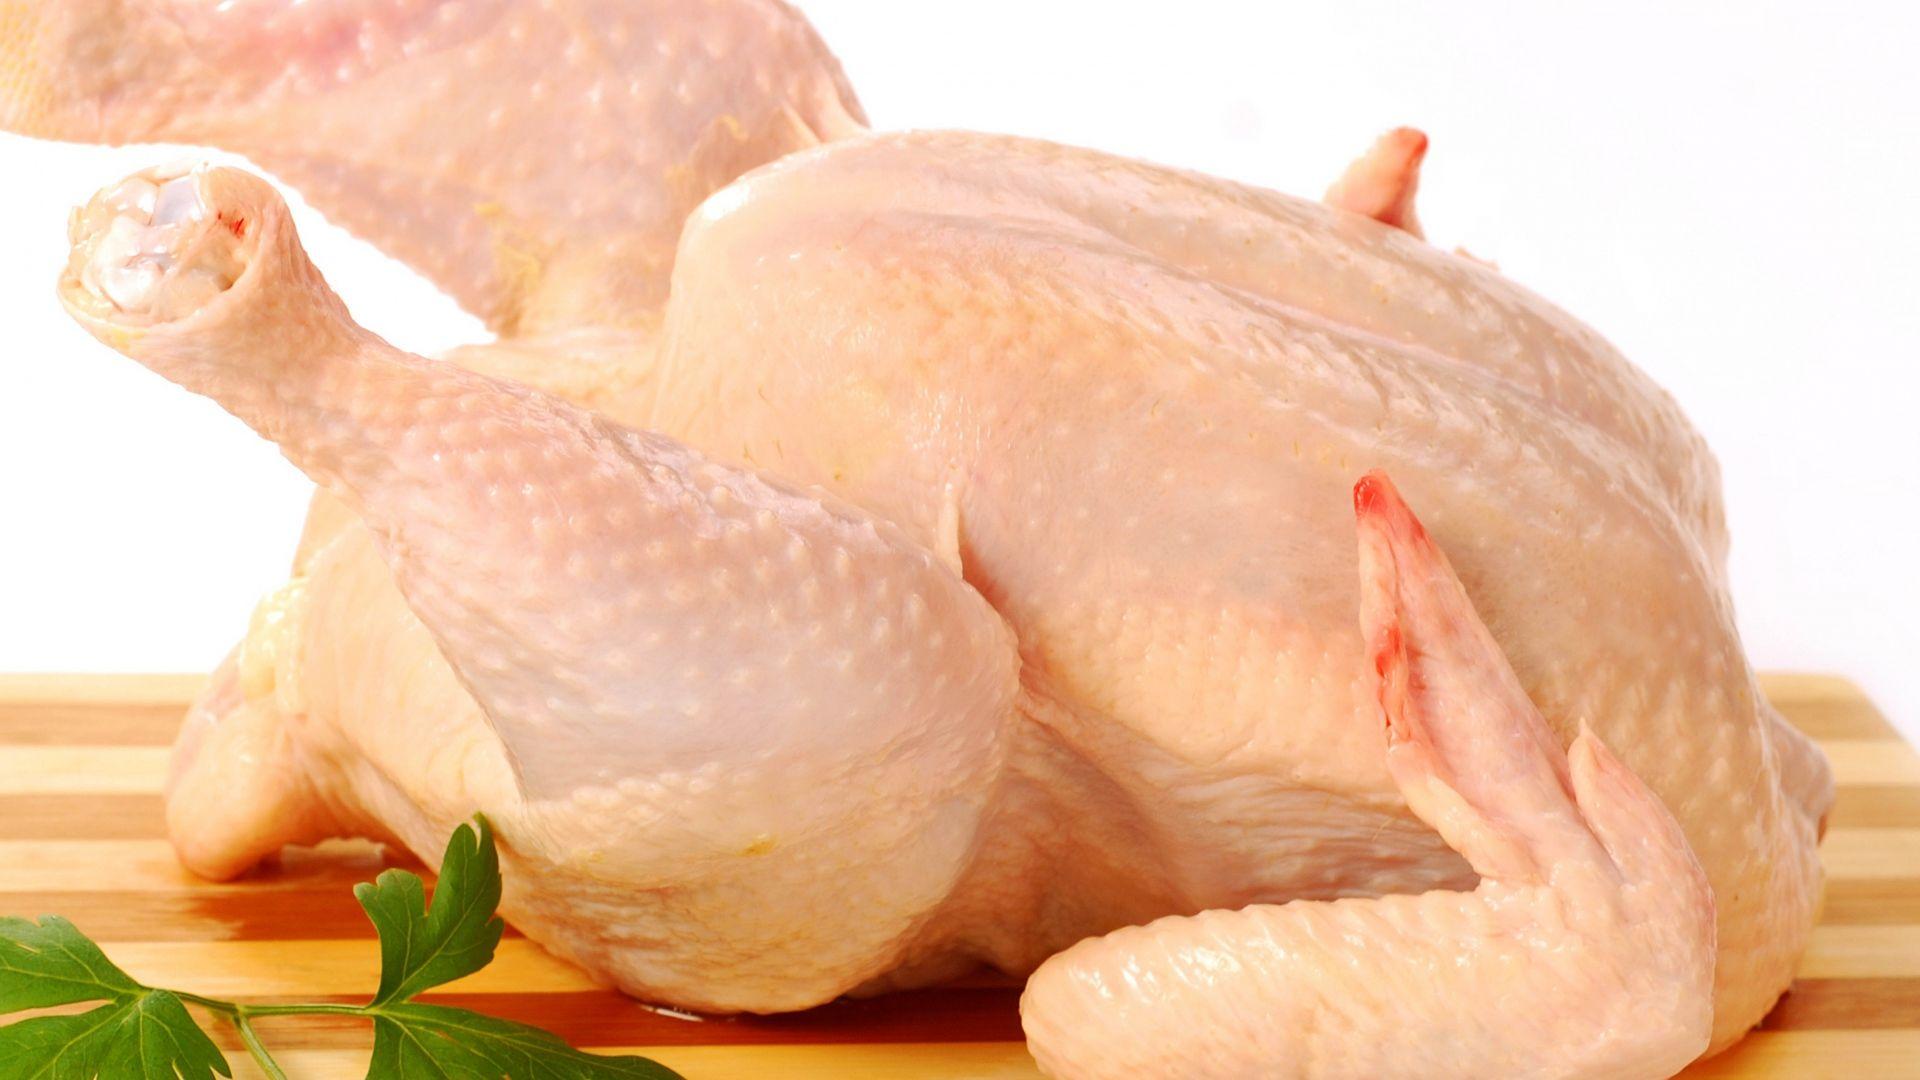 Gosta de receitas com frango? Veja detalhes que você precisa saber sobre o alimento